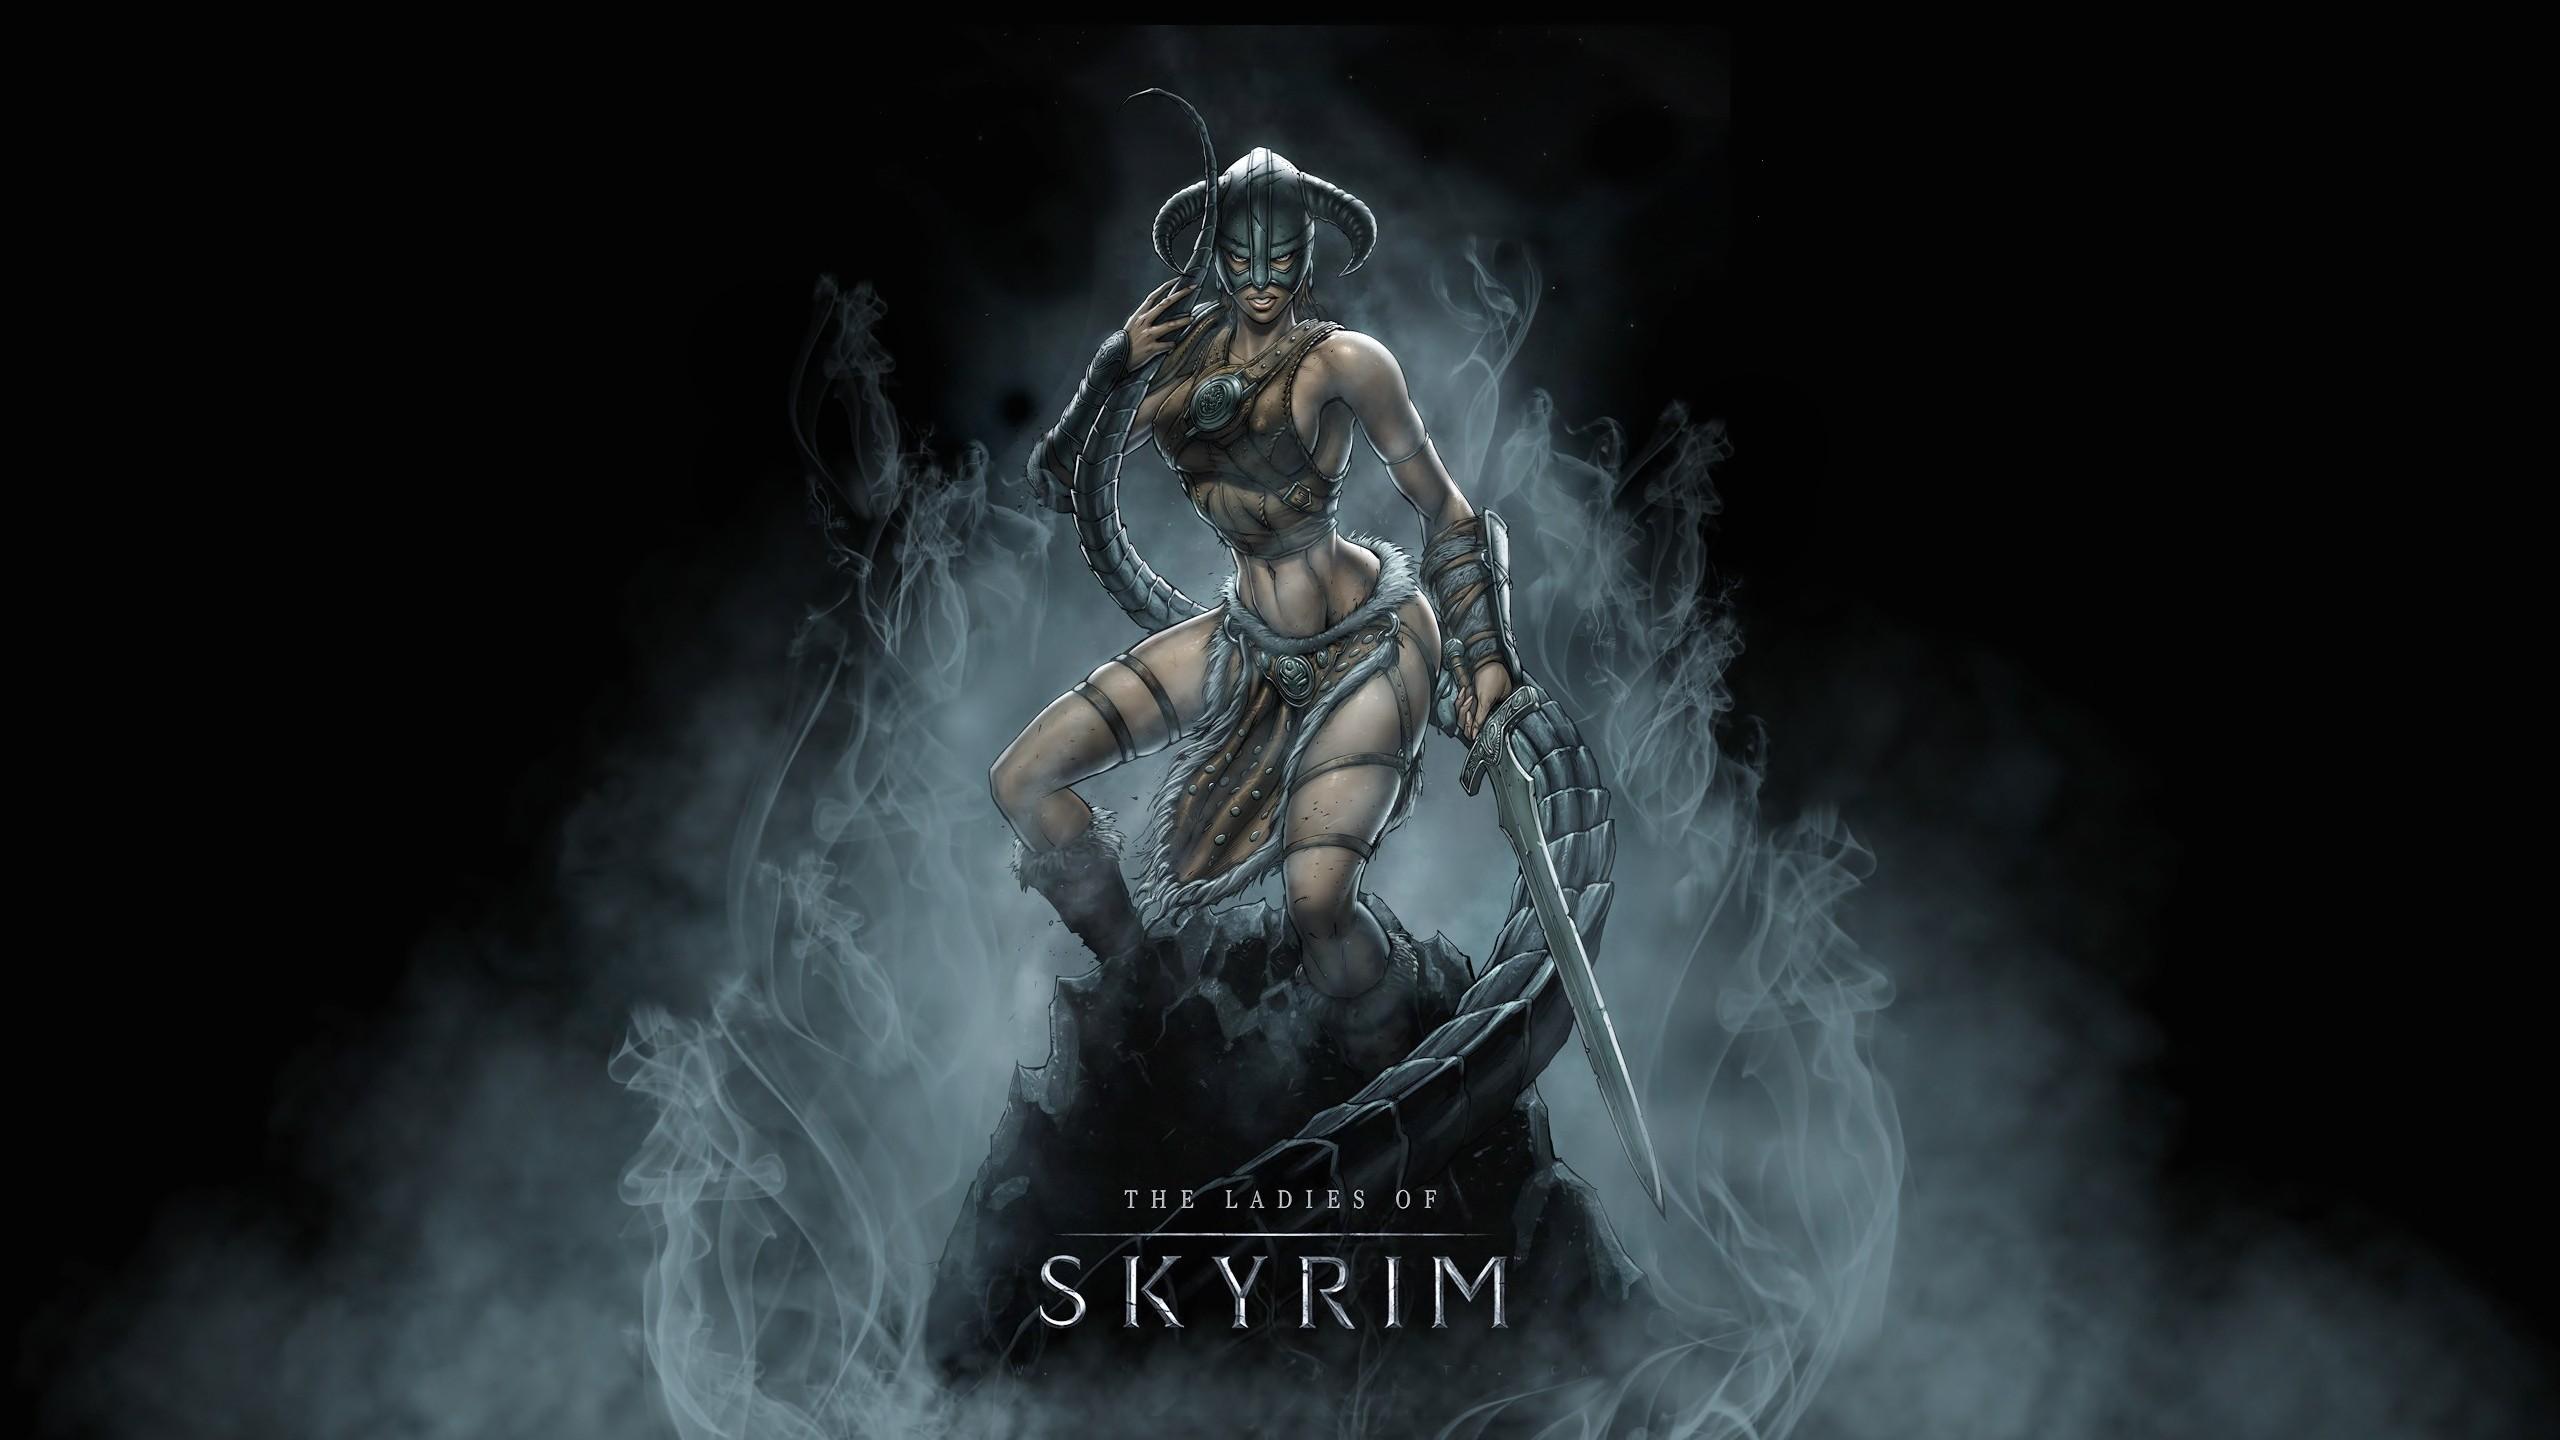 Wallpaper The Elder Scrolls V: Skyrim girl warrior